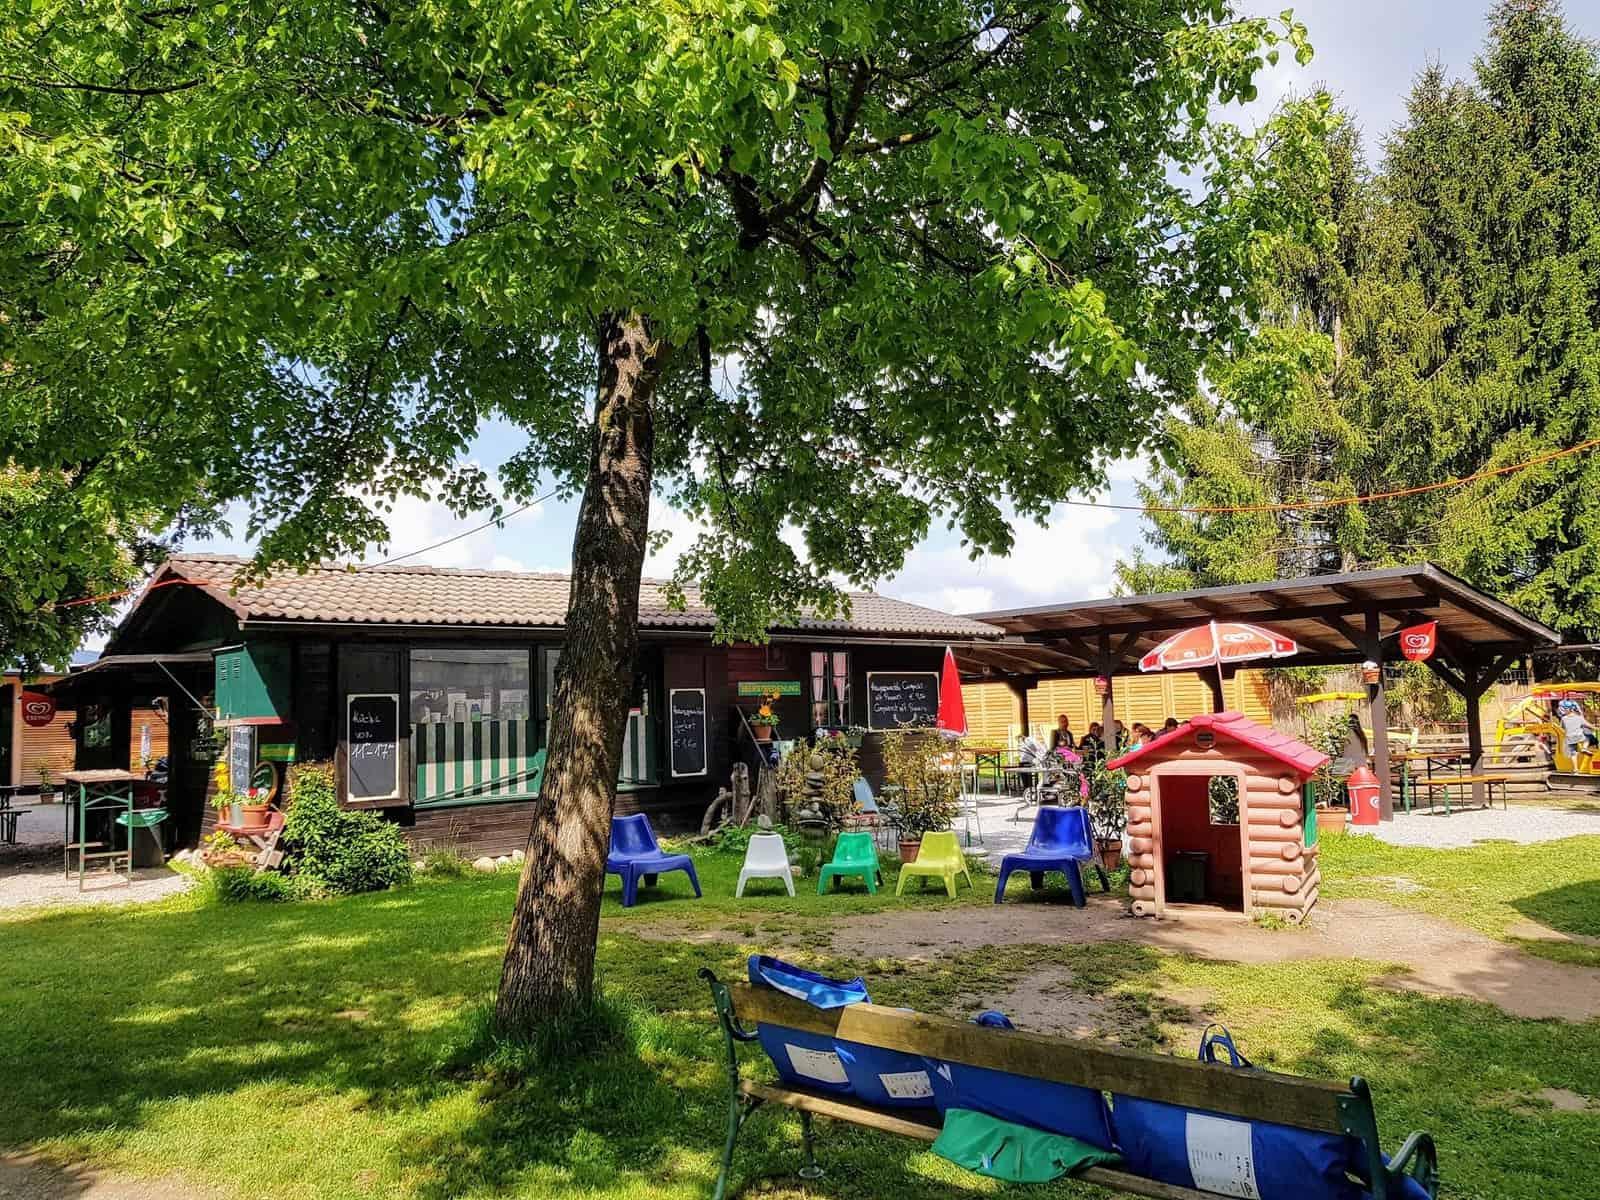 Buffet & Kinderspielplatz neben Streichelzoo im Tierpark Rosegg, beliebtes Ausflugsziel für Familien in Kärnten, Österreich